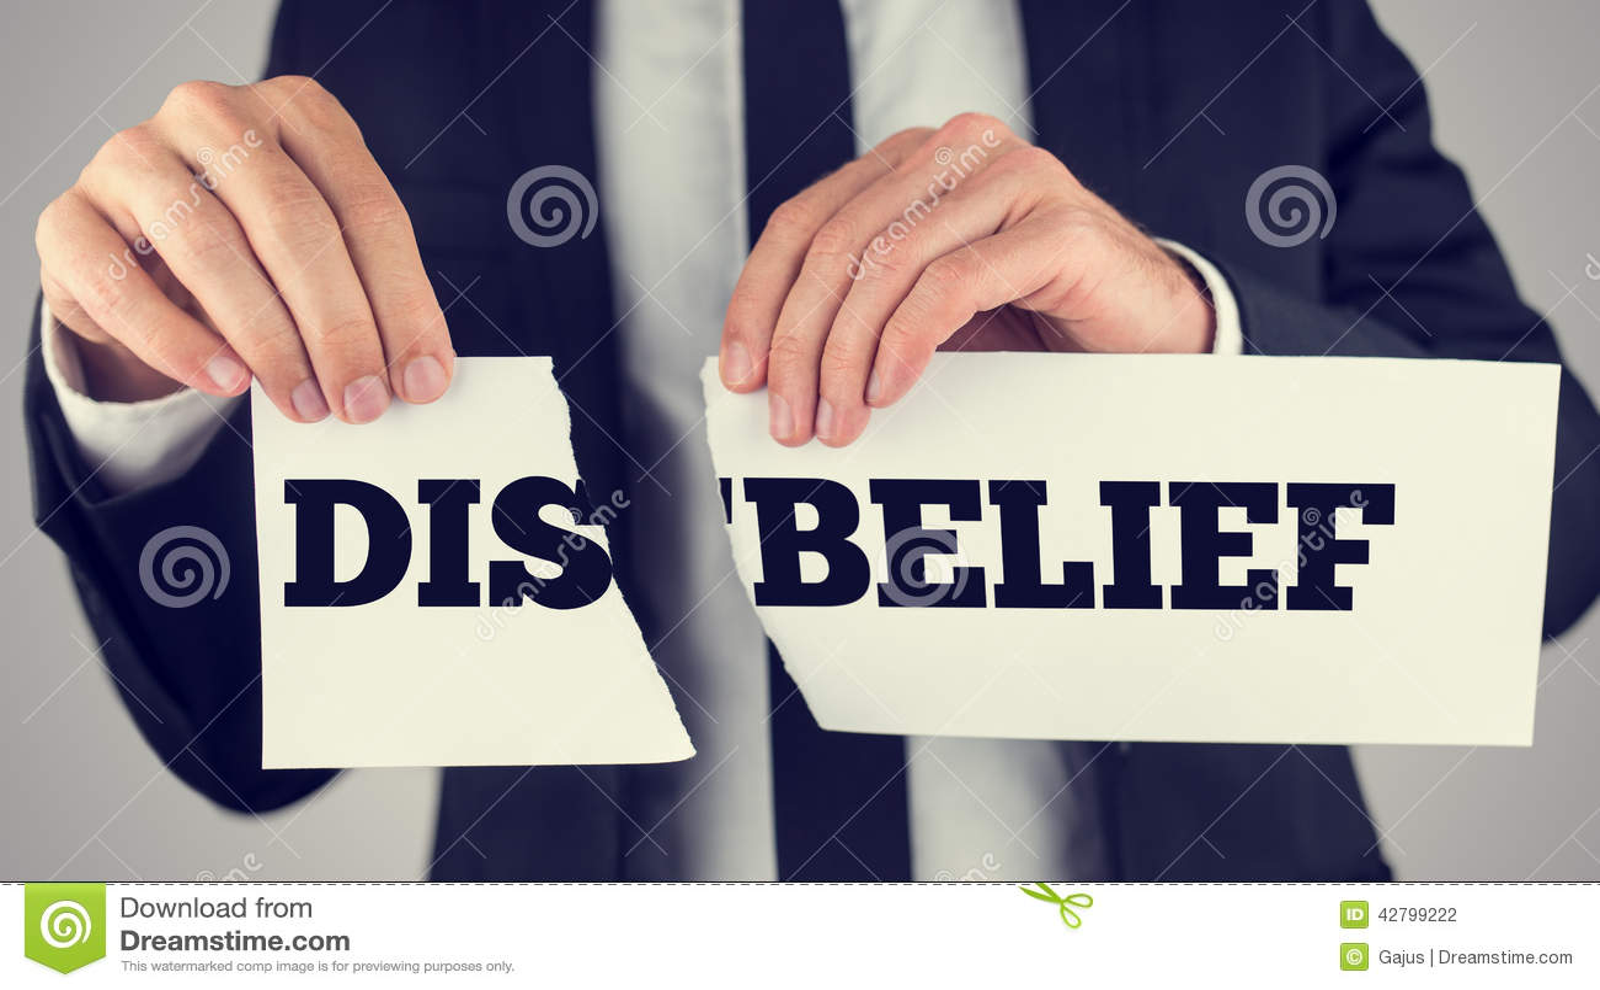 Beliefs vs feelings essay